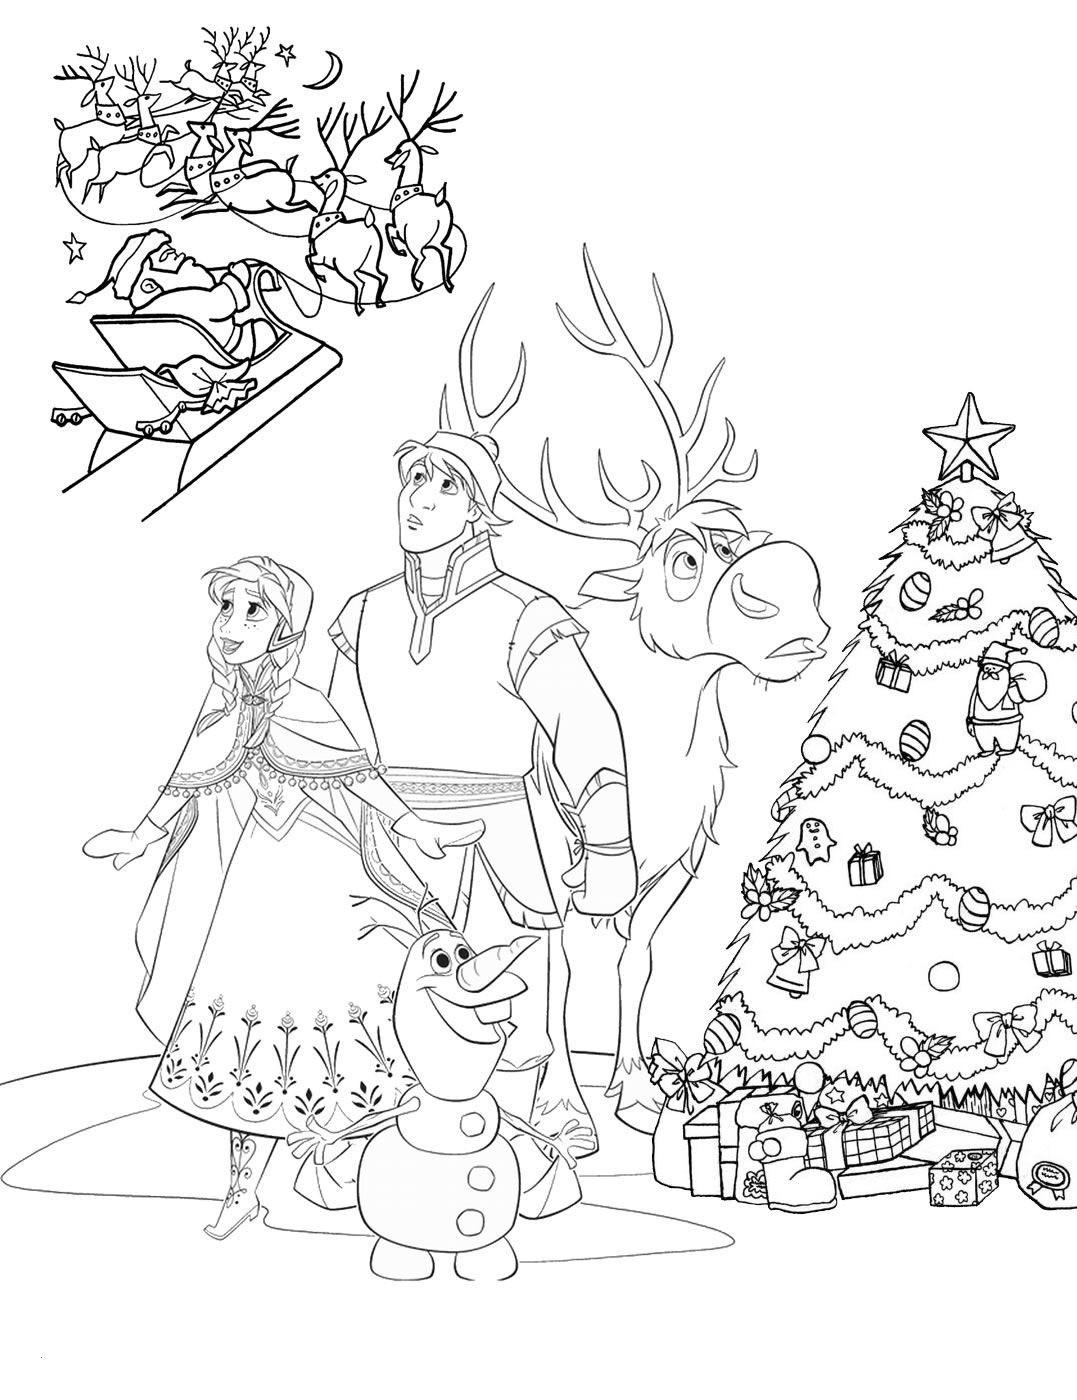 Adler Zeichnungen Zum Ausmalen Einzigartig Frozen Christmas Coloring Pages Coloring by Cindy Adler Elegant Stock